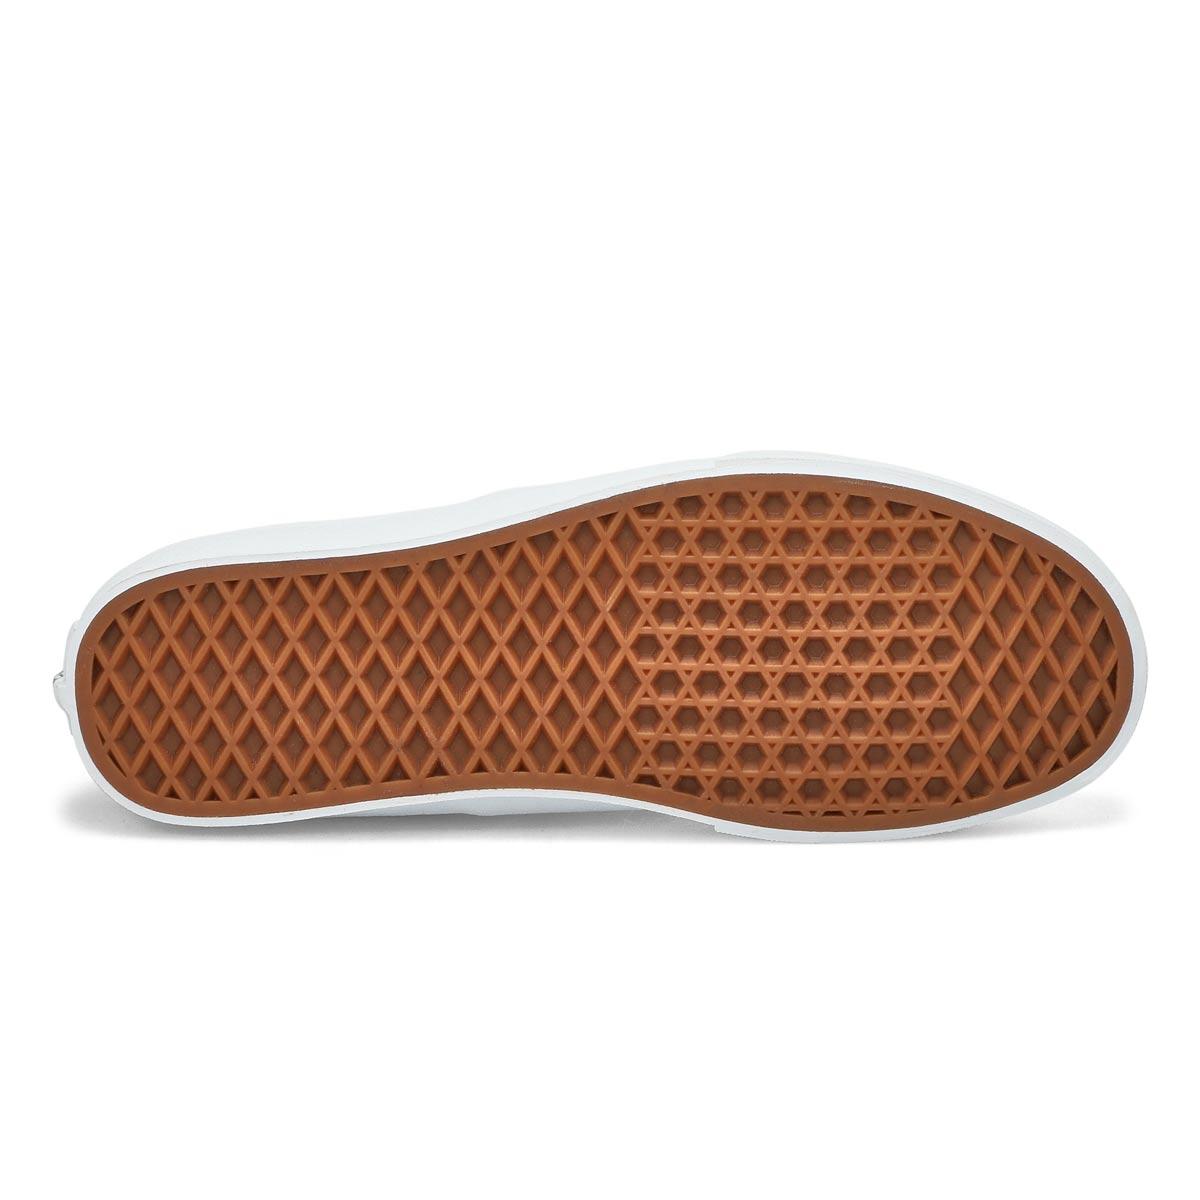 Men's Doheny Decon Sneaker - Black/White